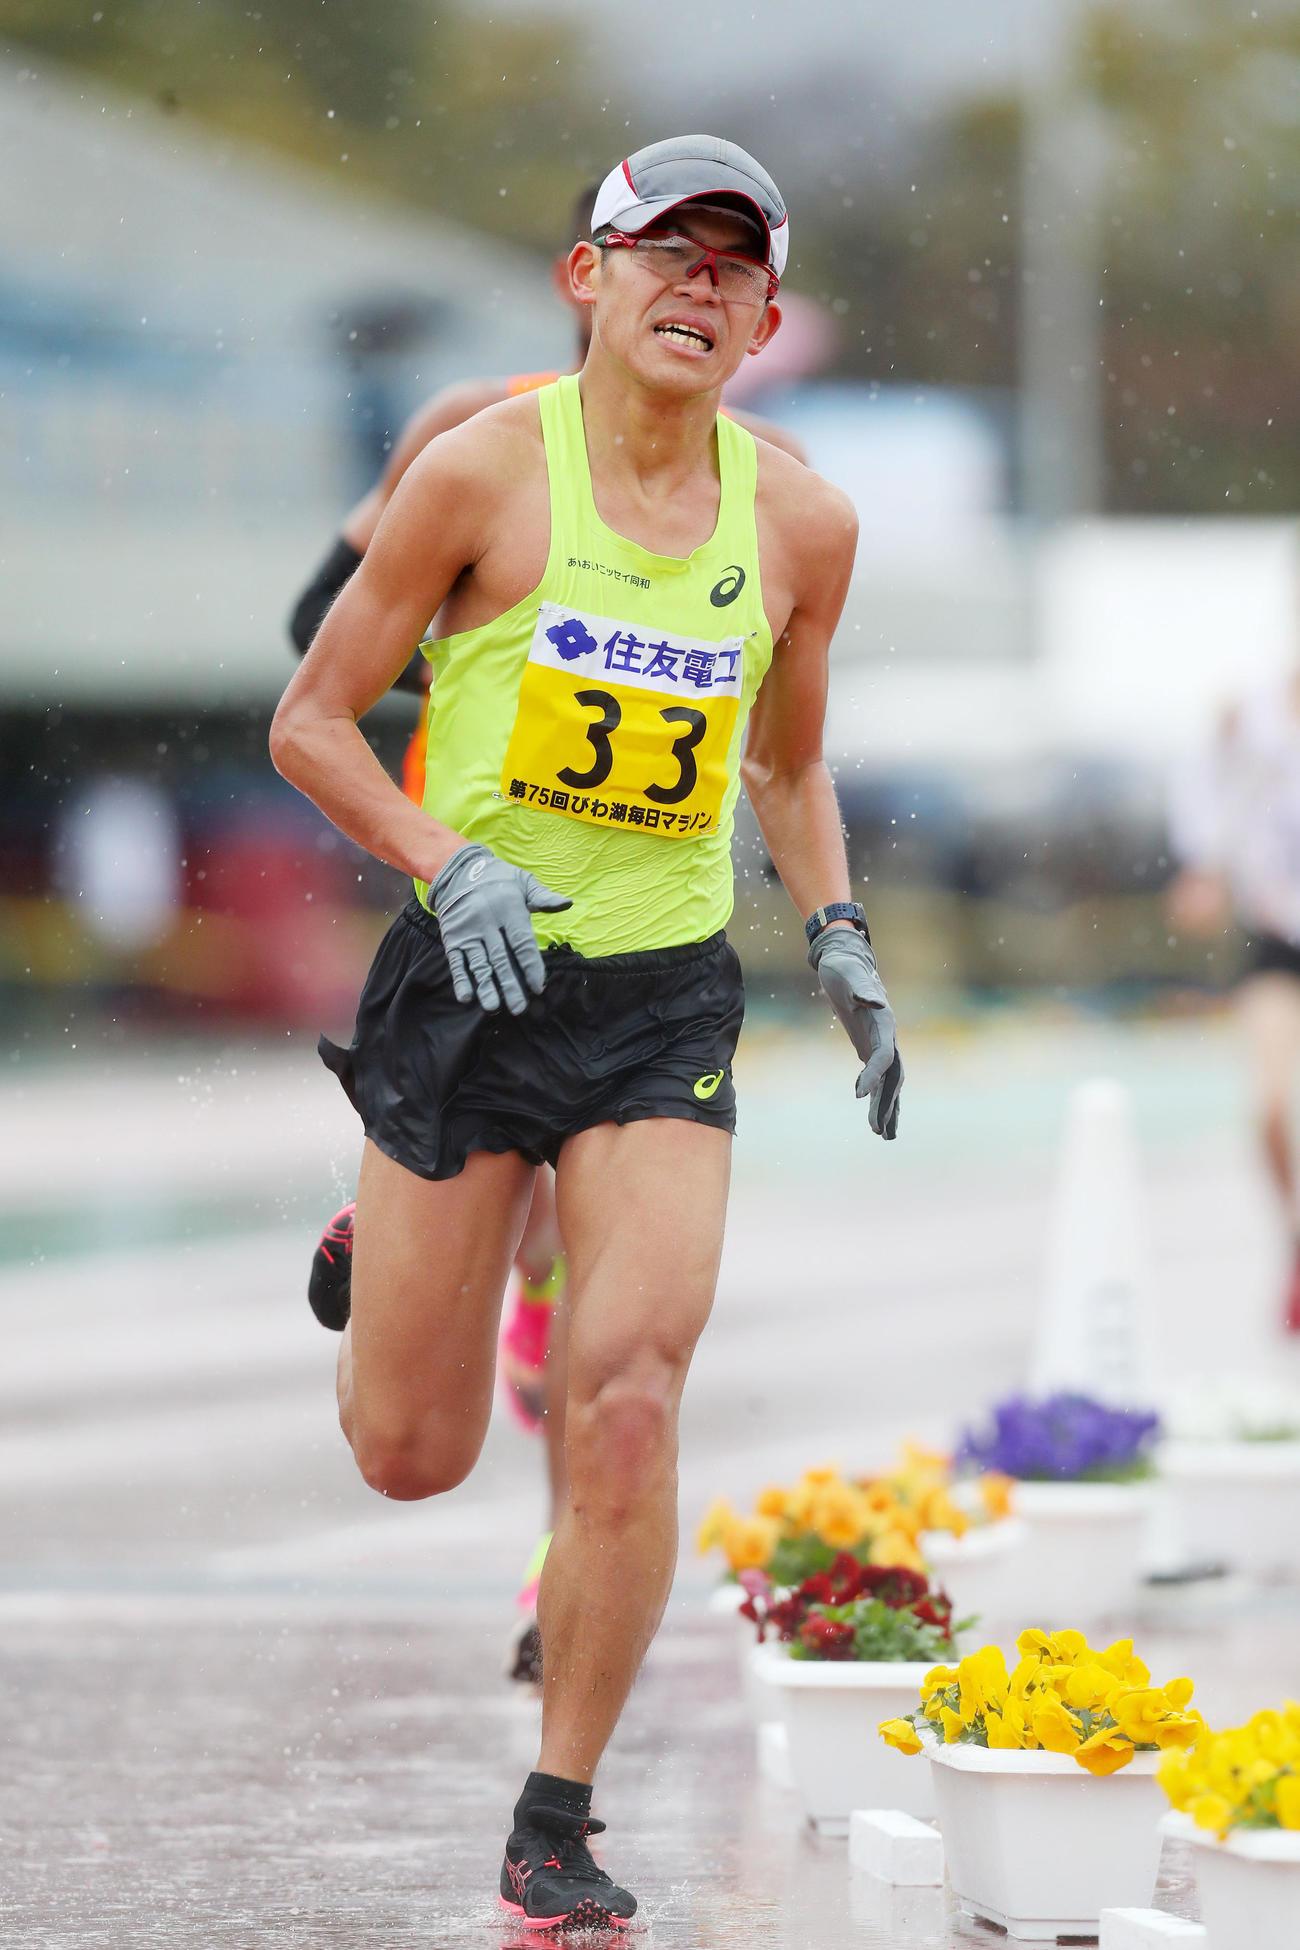 びわ湖毎日マラソン 25位に終わった川内優輝(撮影・前田充)